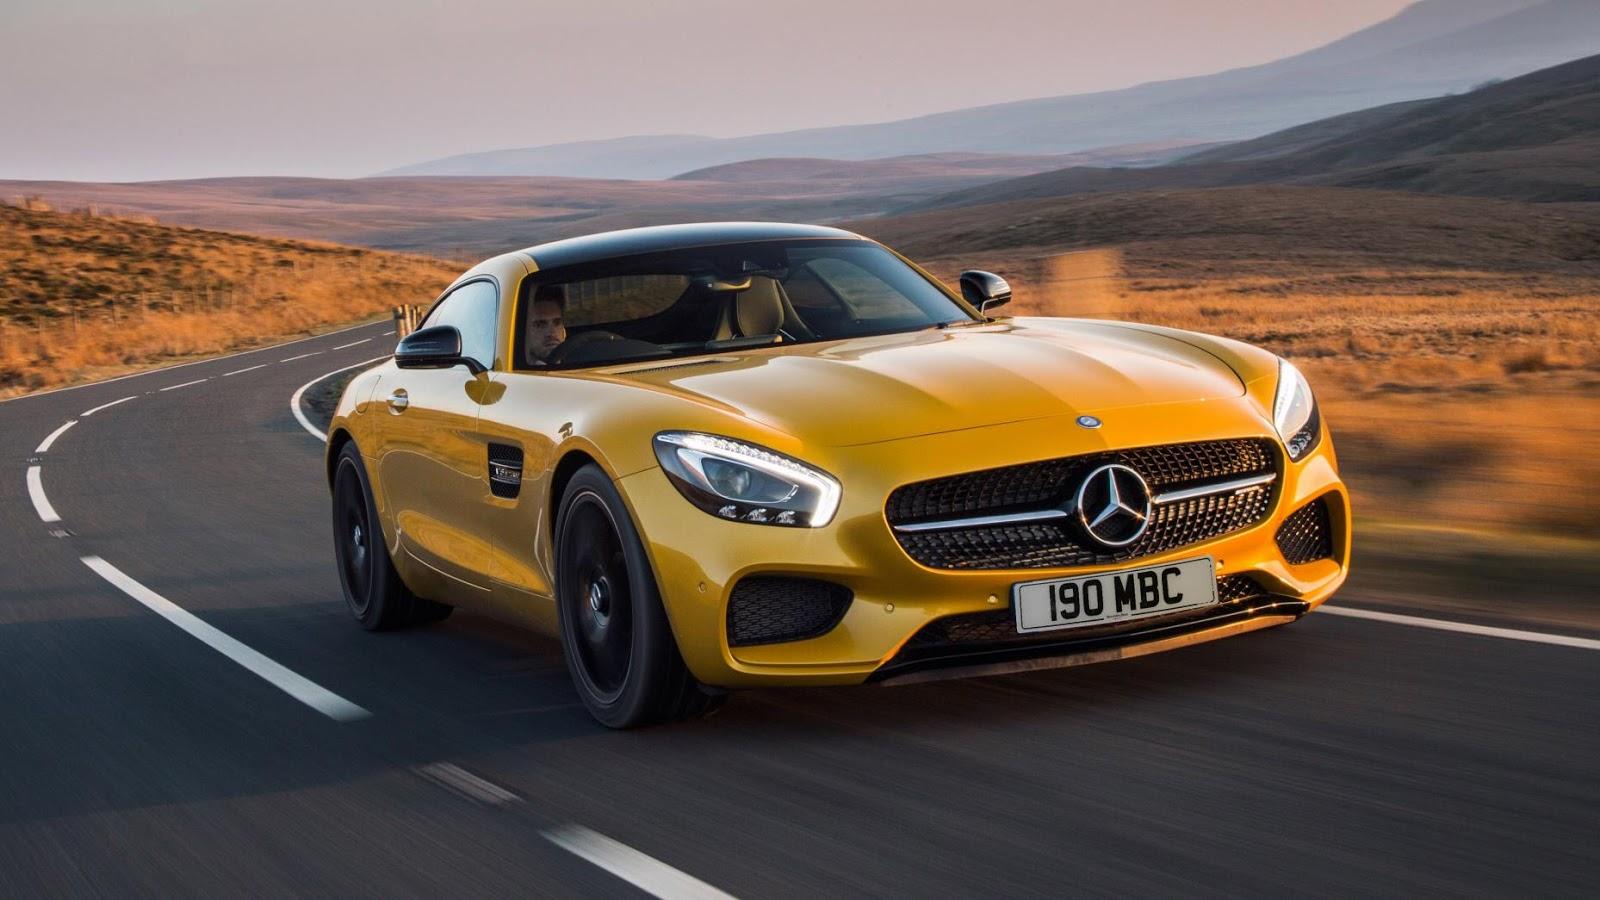 Mercedes AMG GT S - tăng tốc từ 0 - 100 km/h trong 3.8secs